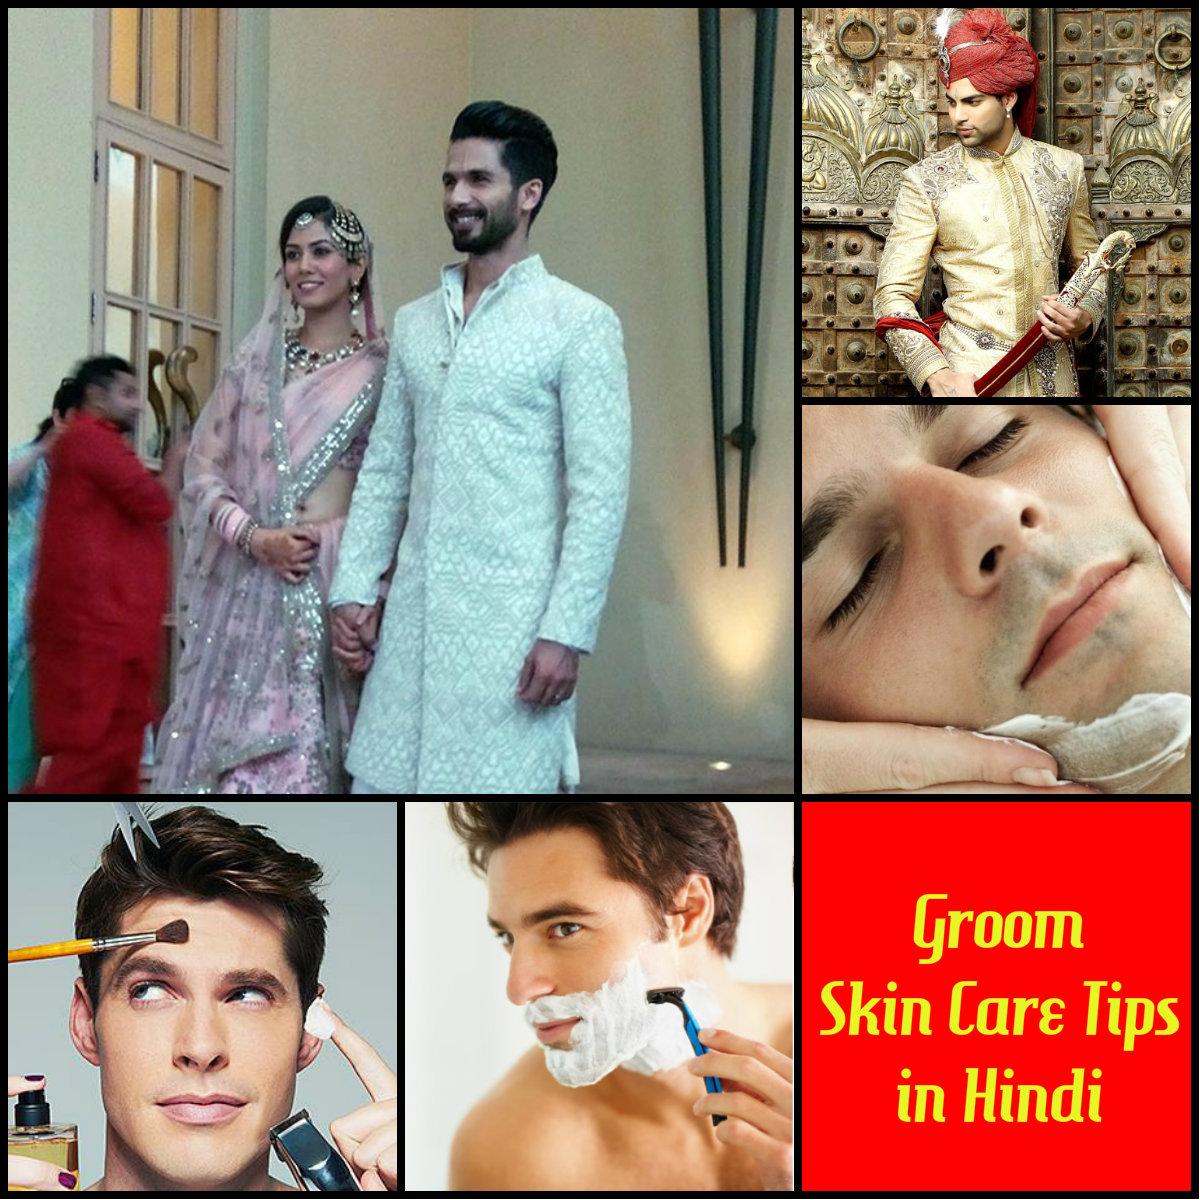 Groom Skin Care Tips in Hindi